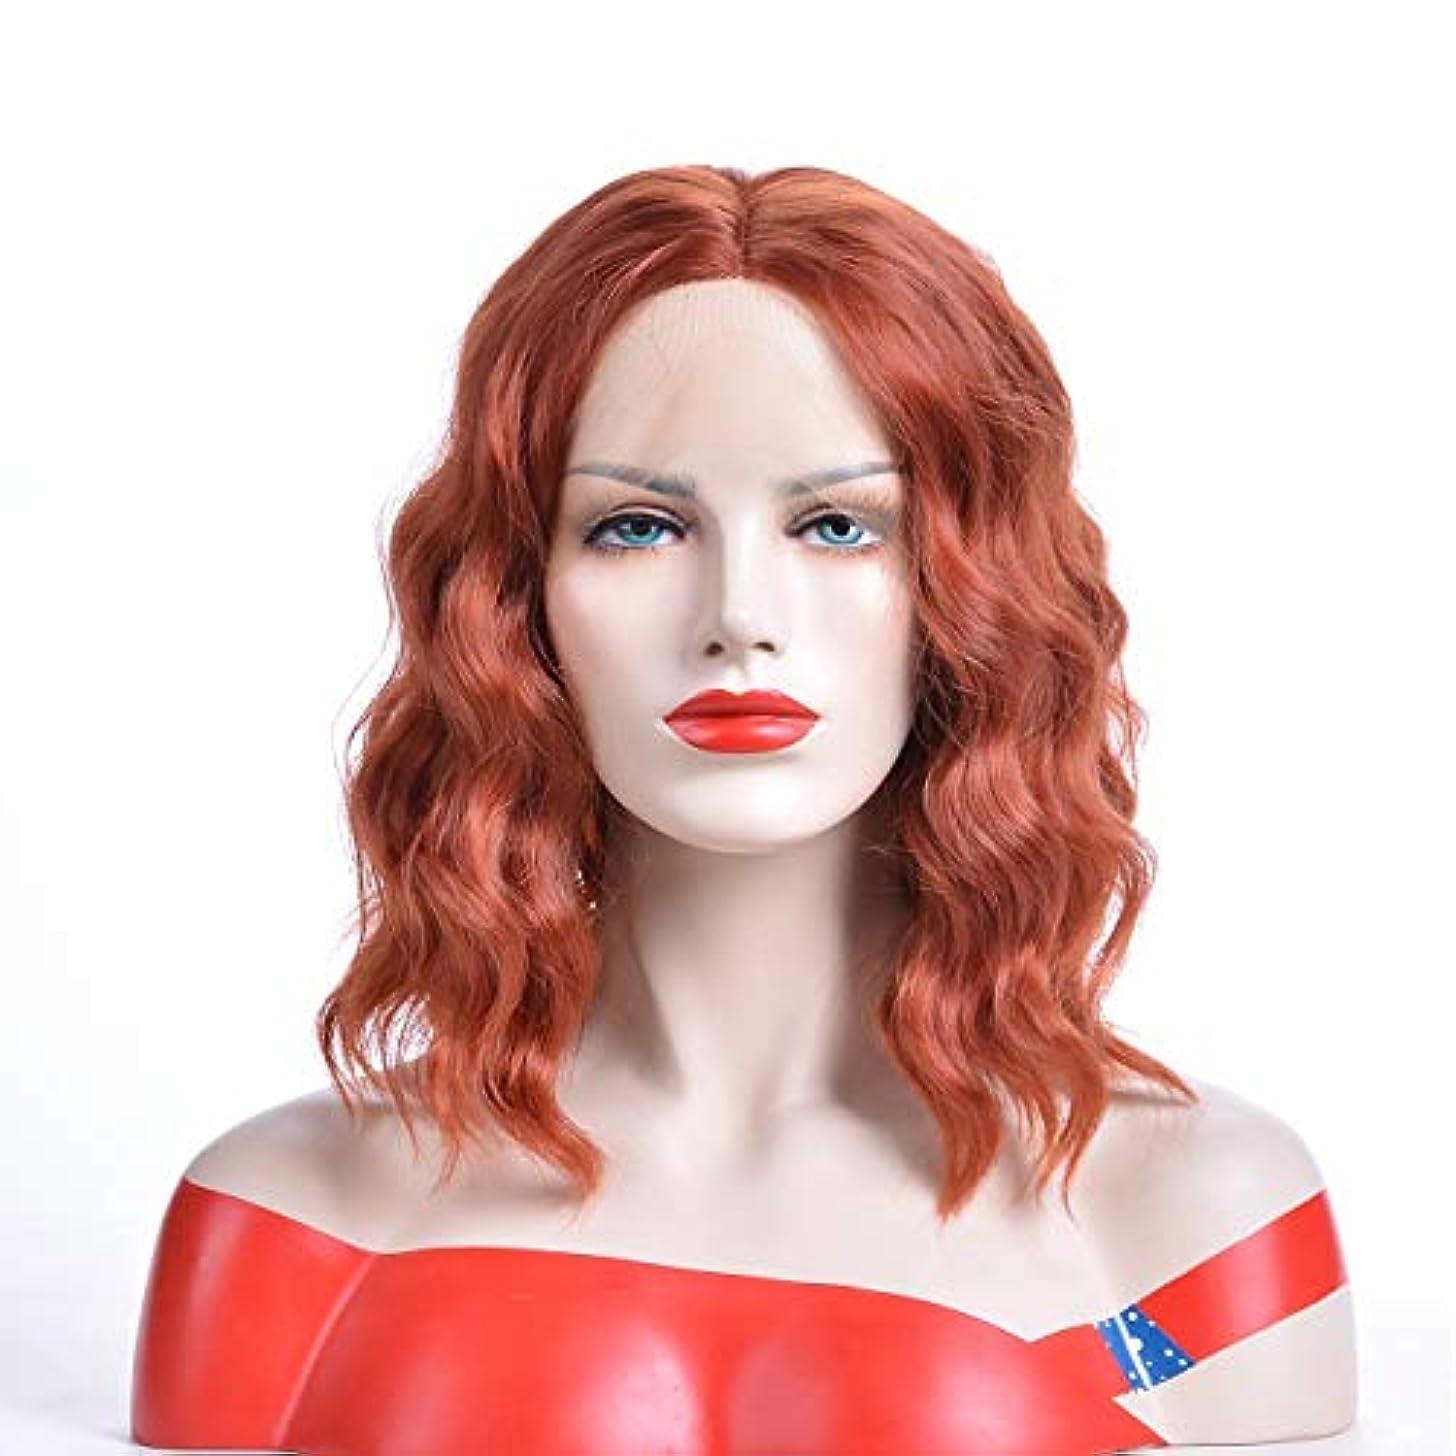 わがままコンベンションスライスYOUQIU 21「」ショート波状カーリーブロンドレッド女性の女の子の魅力的な合成かつらコスプレハロウィンウィッグ耐熱ボブ?パーティーウィッグウィッグ (色 : Blonde Red, サイズ : 21